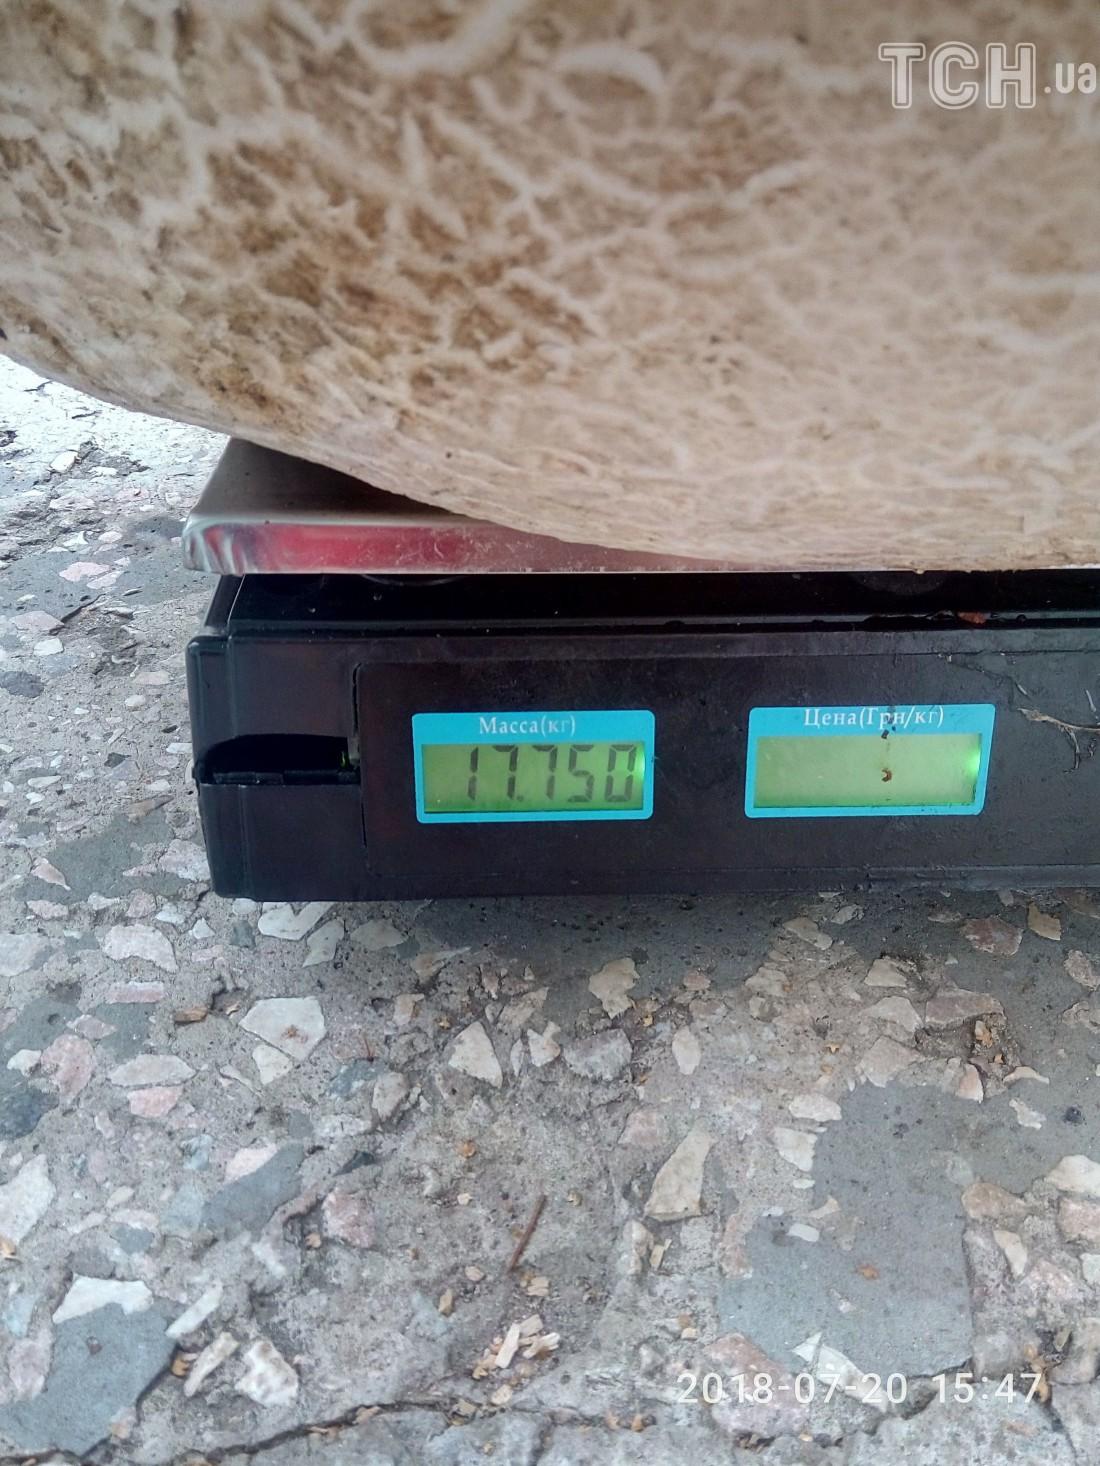 Вес гиганта - почти 18 кг